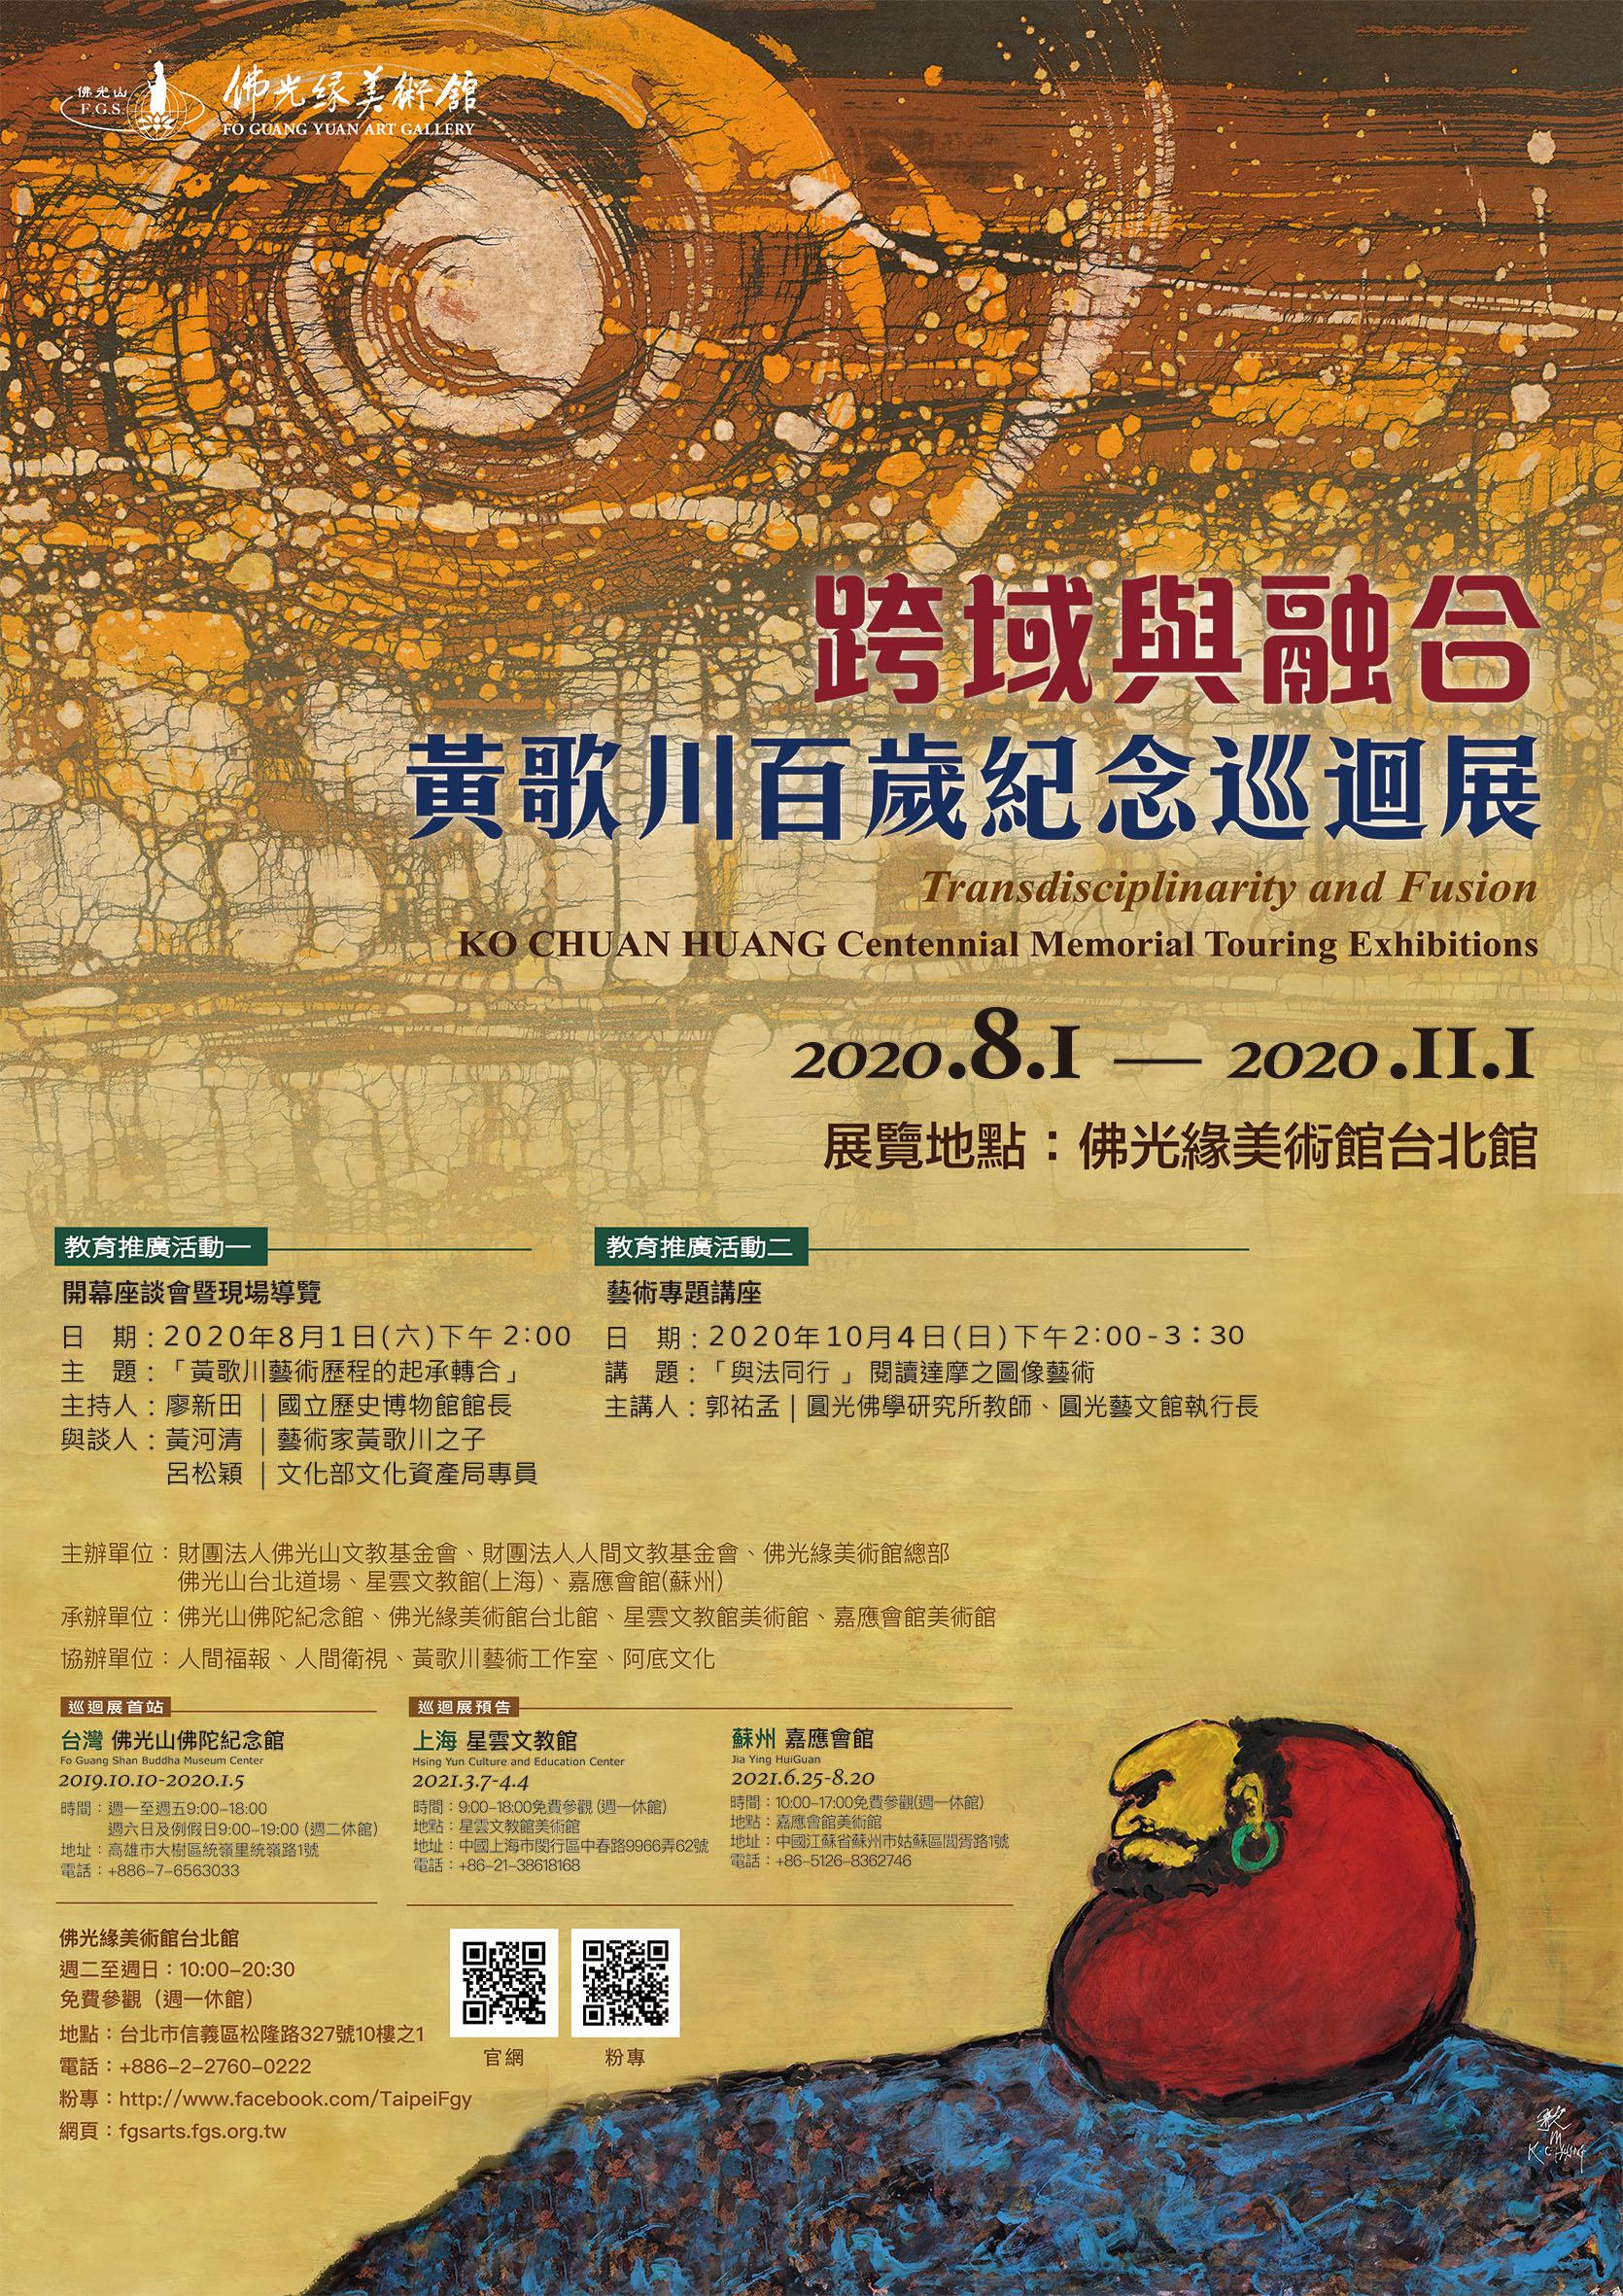 黃歌川-跨域與融合百歲巡迴展-海報.jpg